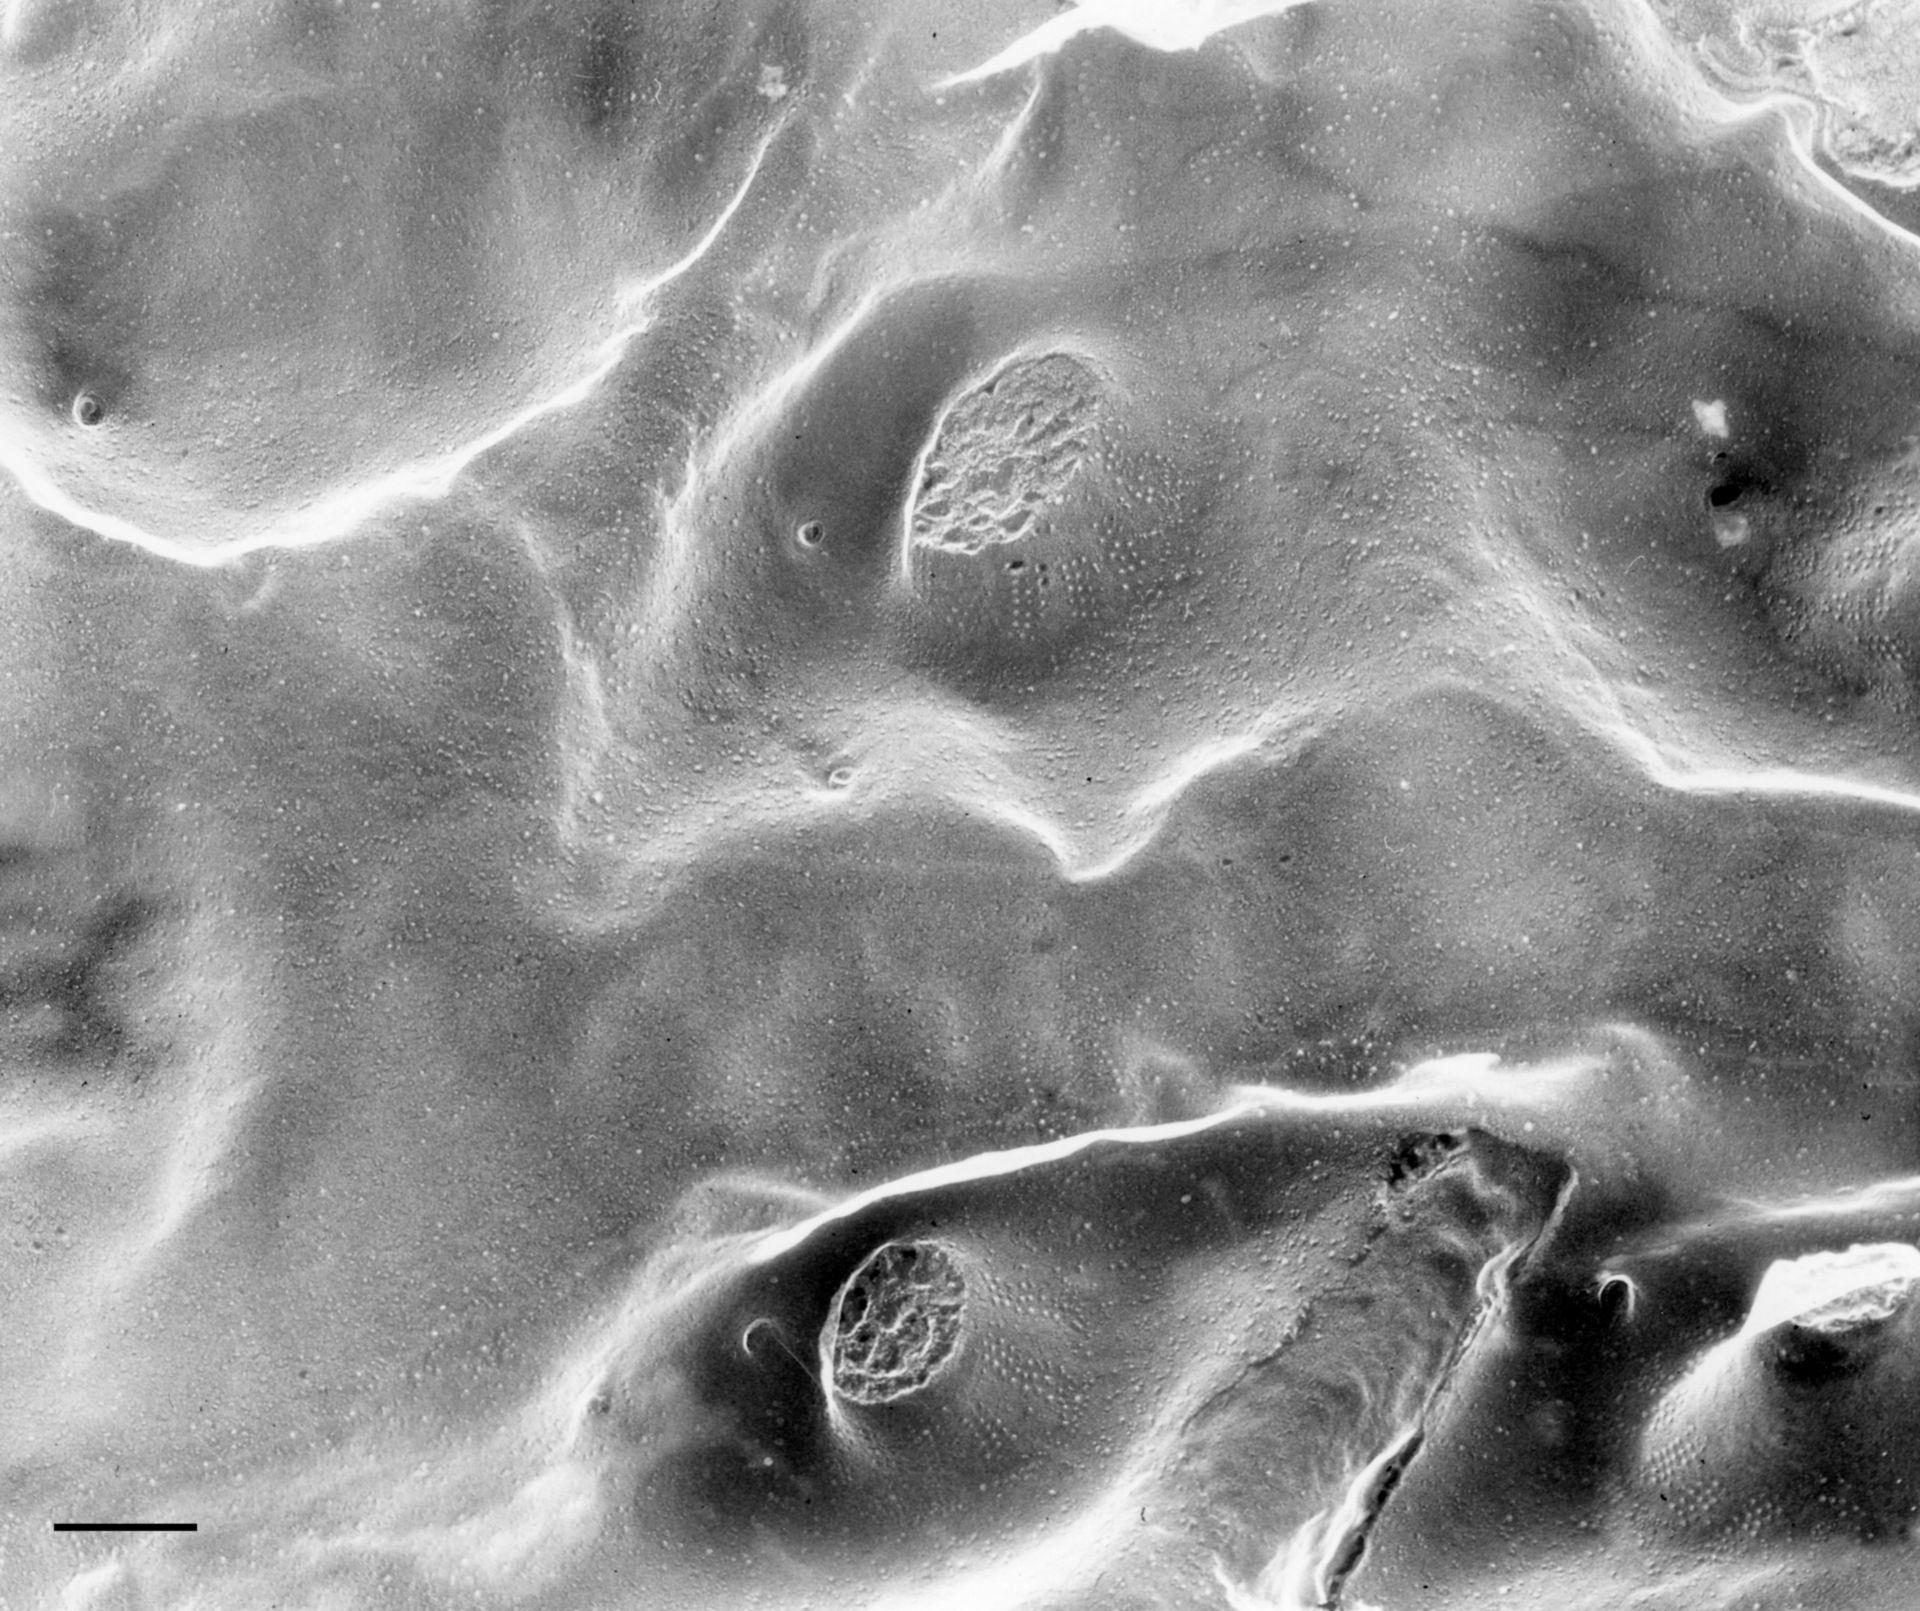 Paramecium multimicronucleatum  - CIL:36613